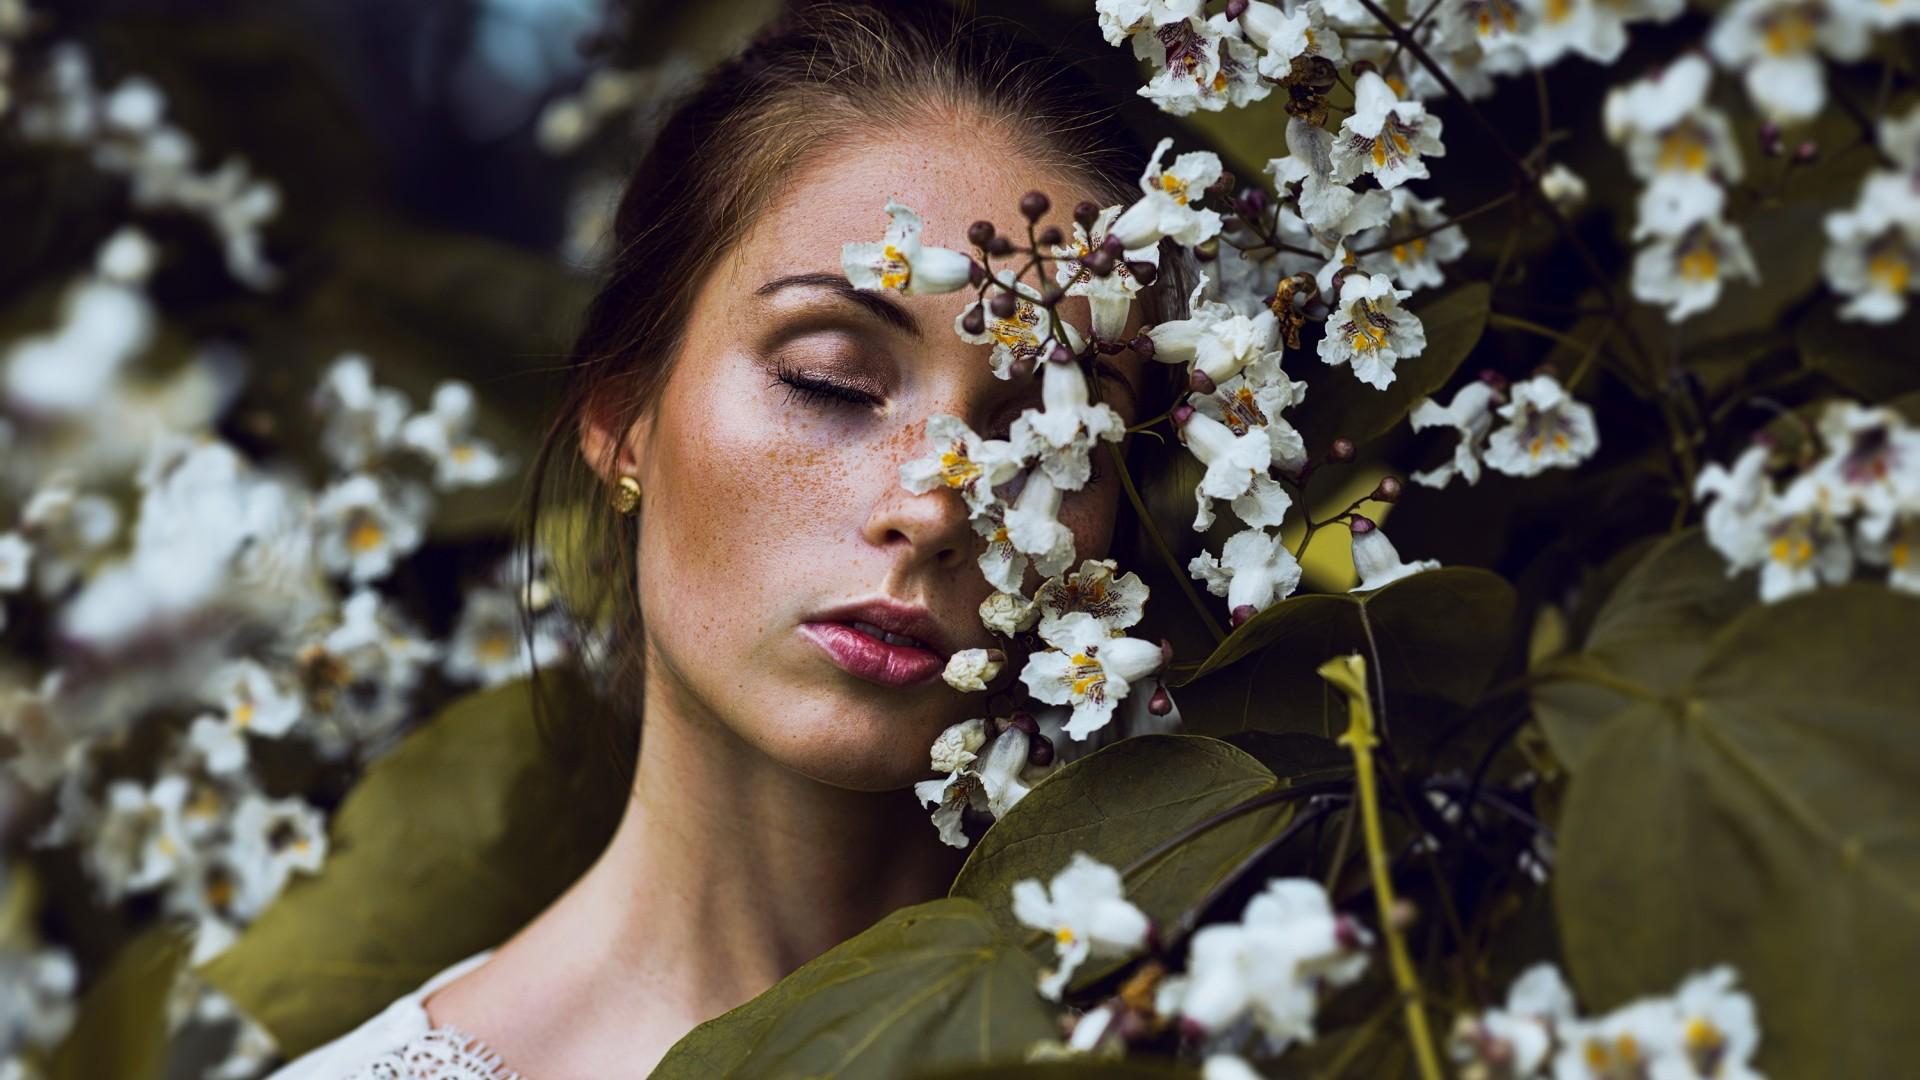 Wallpaper : face, women outdoors, model, depth of field